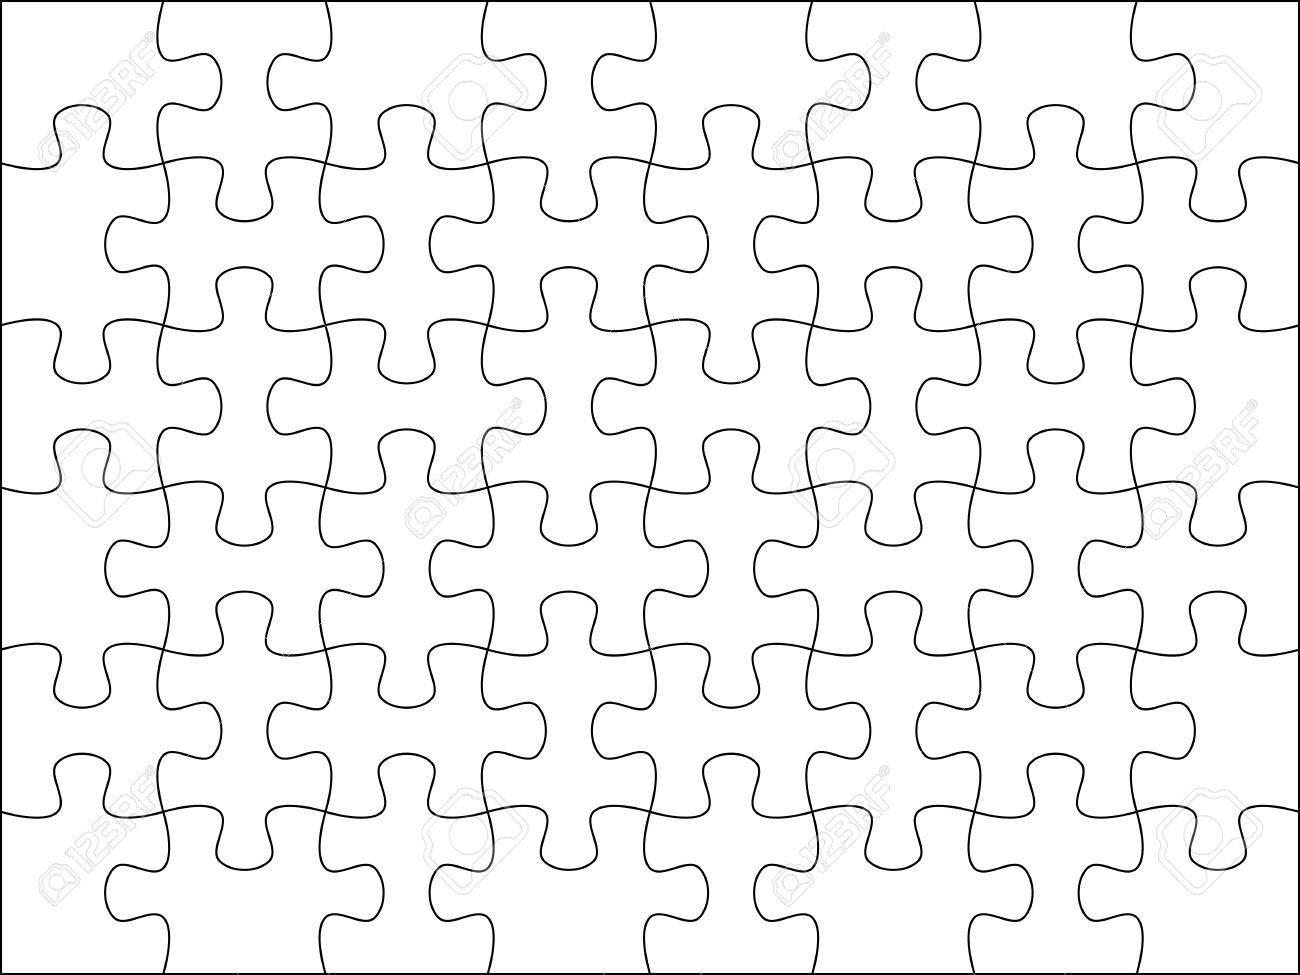 Tolle Puzzle Vorlage Zum Ausdrucken Fotos - Entry Level Resume ...